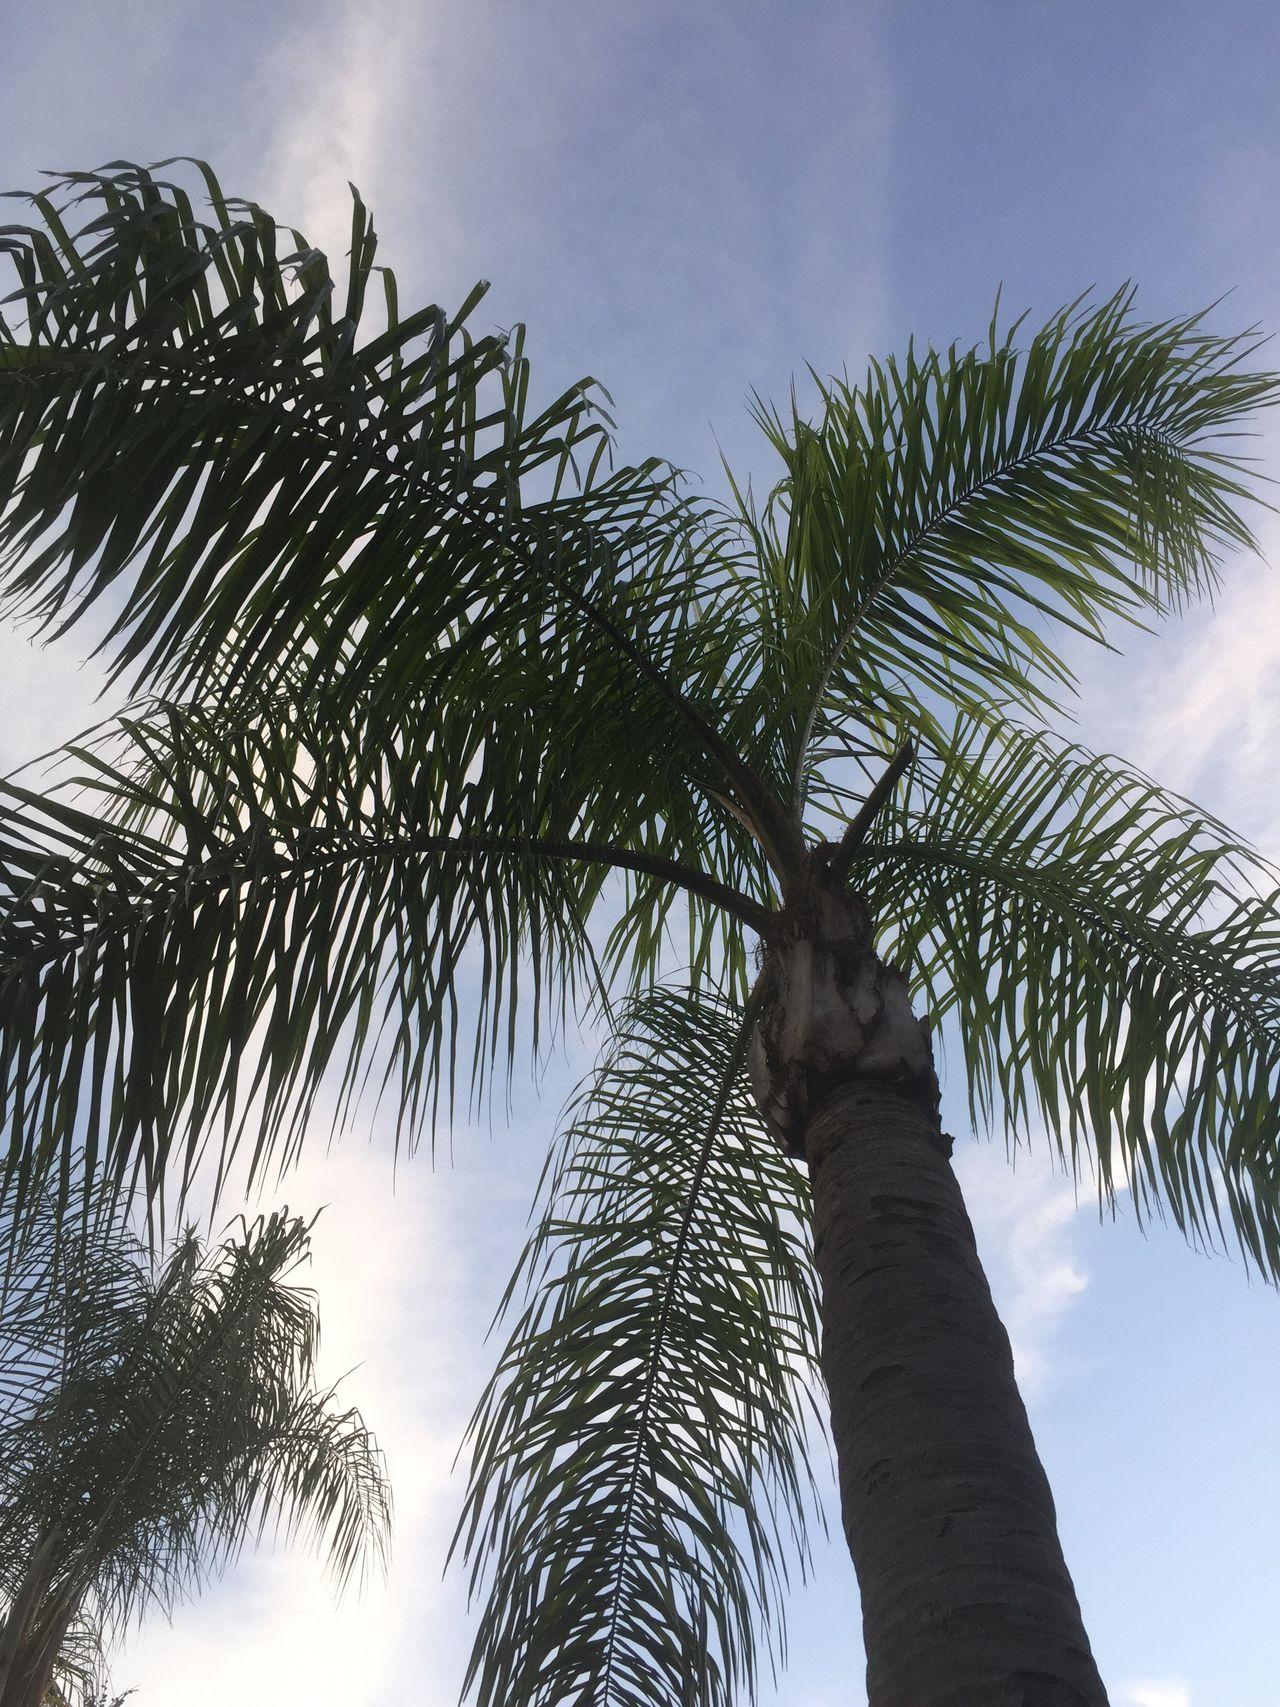 Dusk Palm Trees Palm Tree Palm Trees